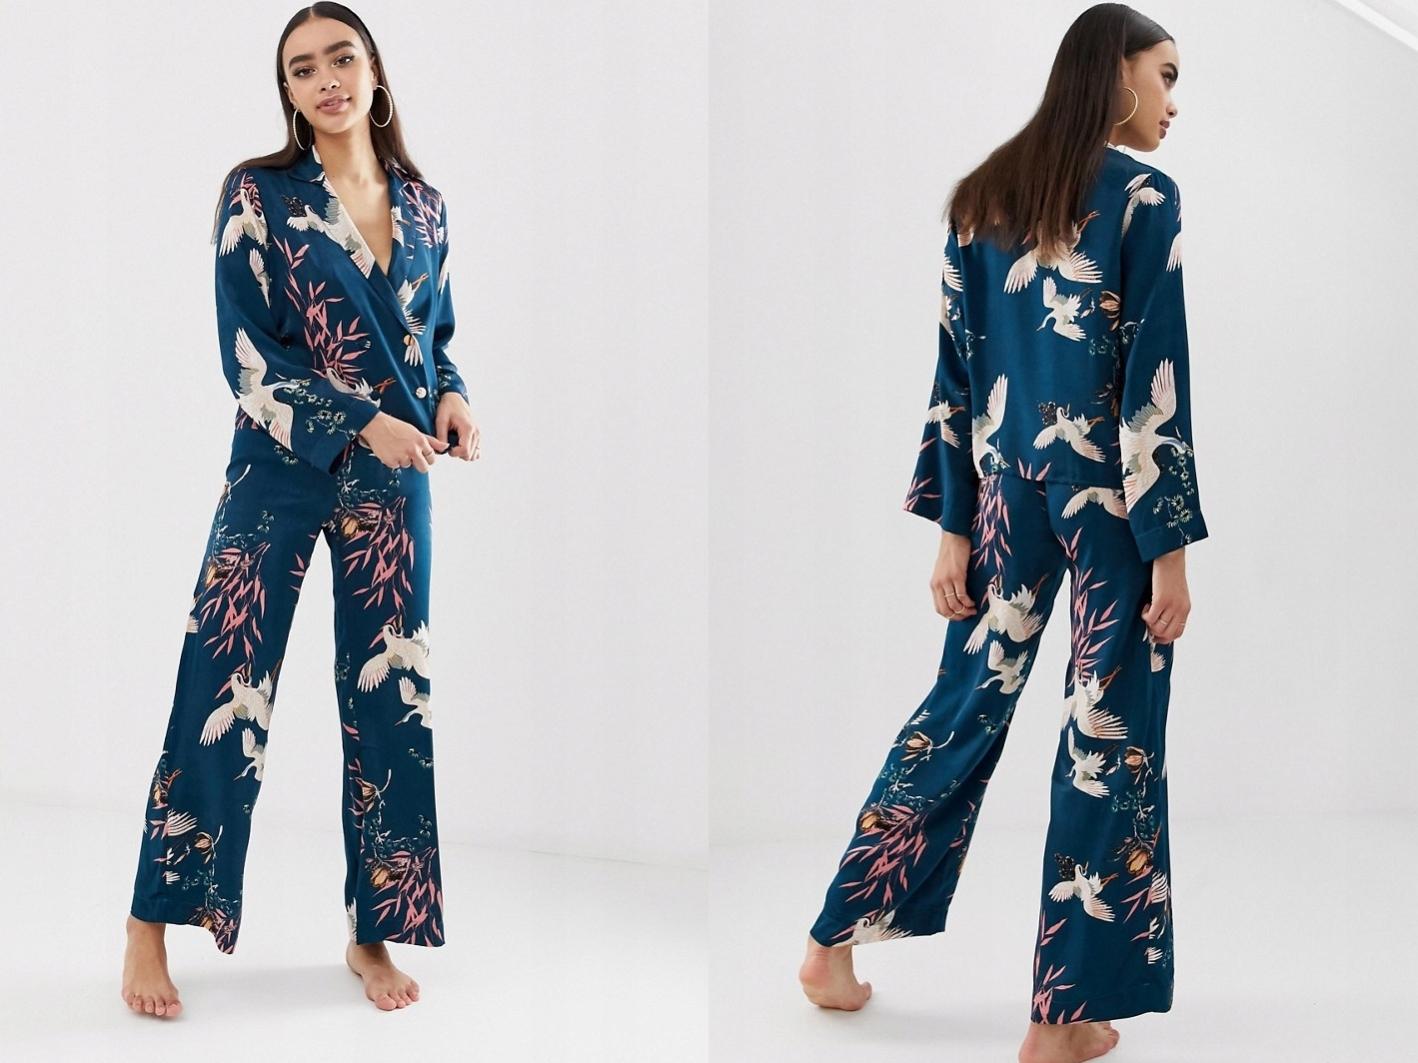 Piżama w kwiecistym wzorze spodnie i bluzka XL/42